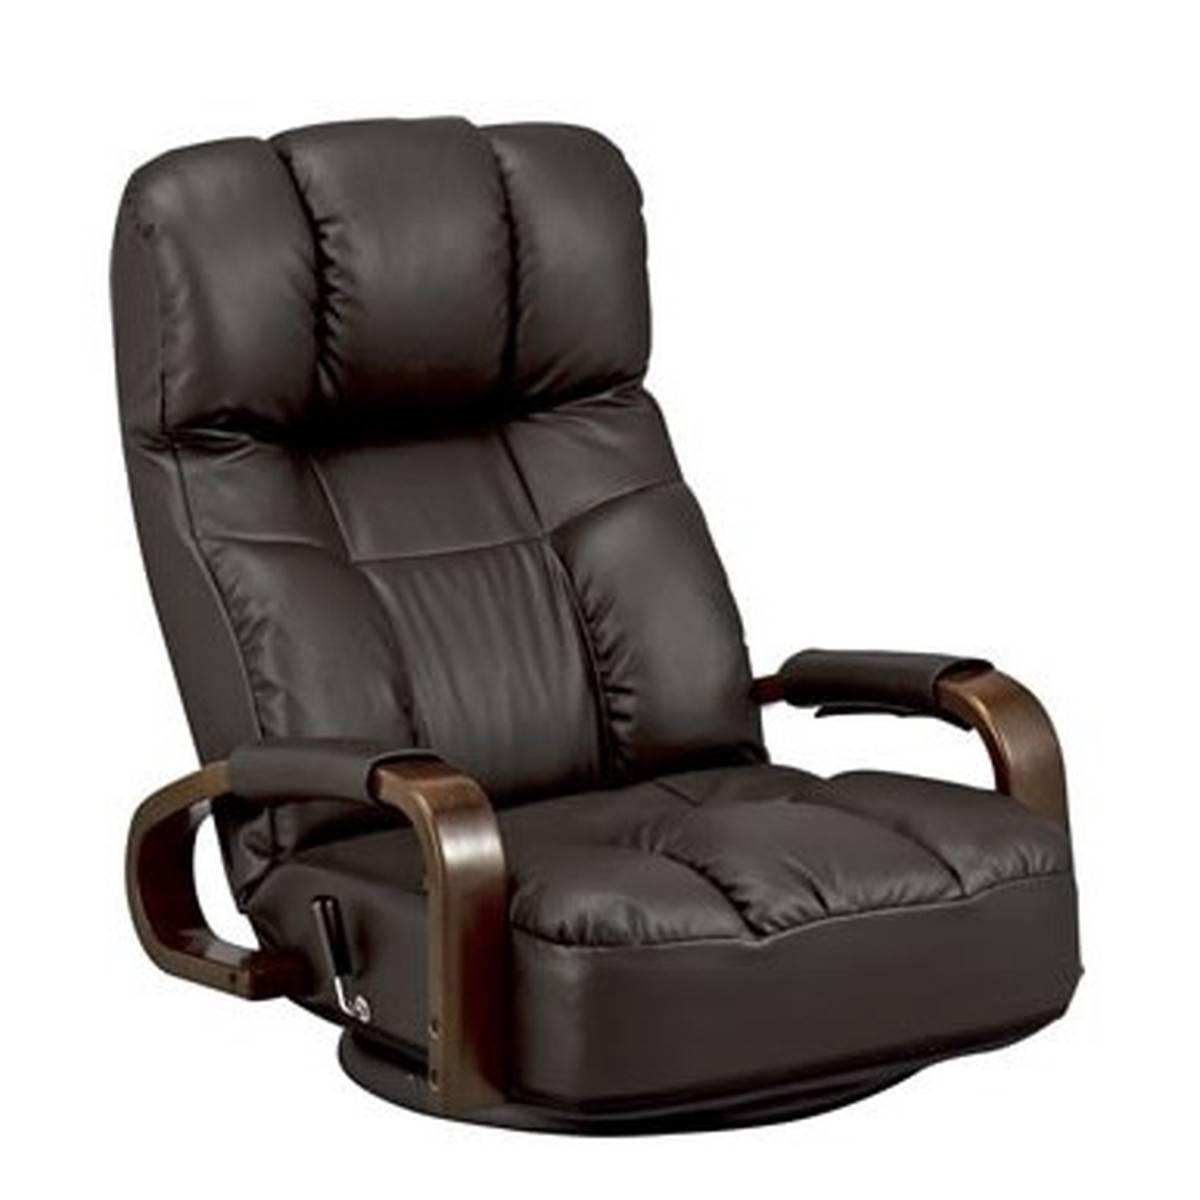 ハイバック ソフトレザー 座椅子 360度回転 リクライニング機能 (ダークブラウン)